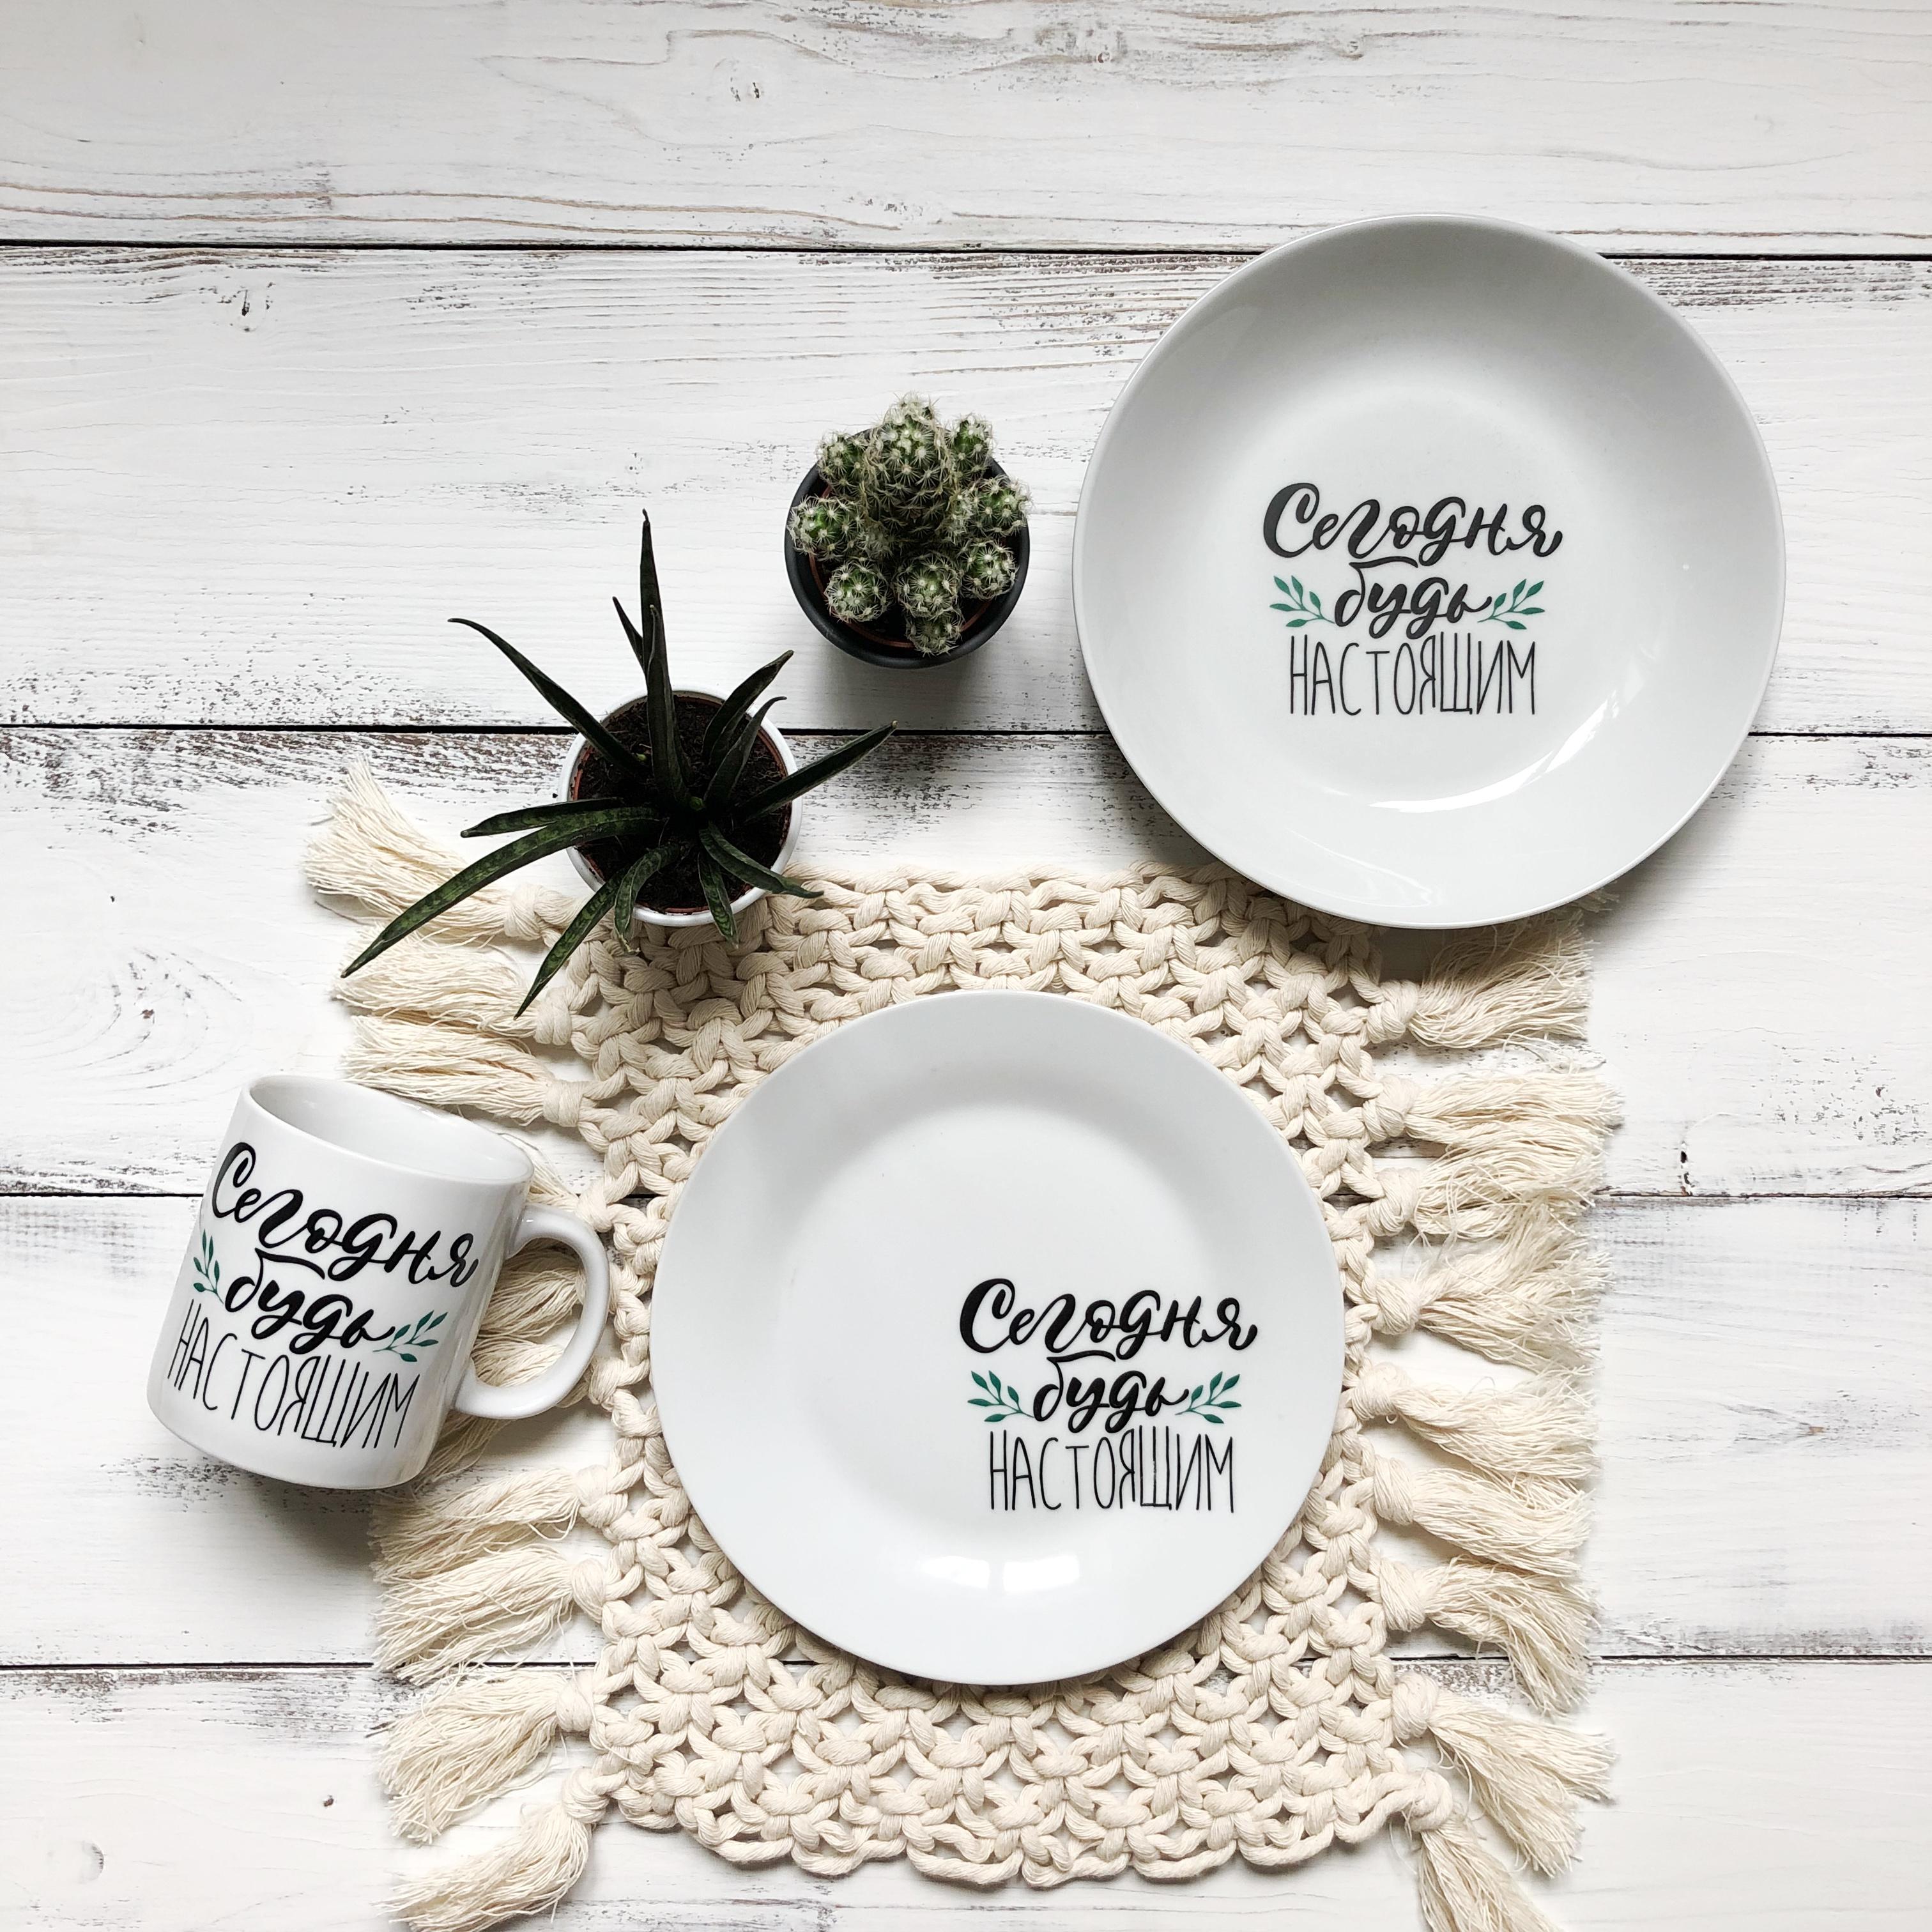 Набор посуды Будь настоящим (3 в 1: кружка+тарелка+глубокая тарелка Sans Brides)